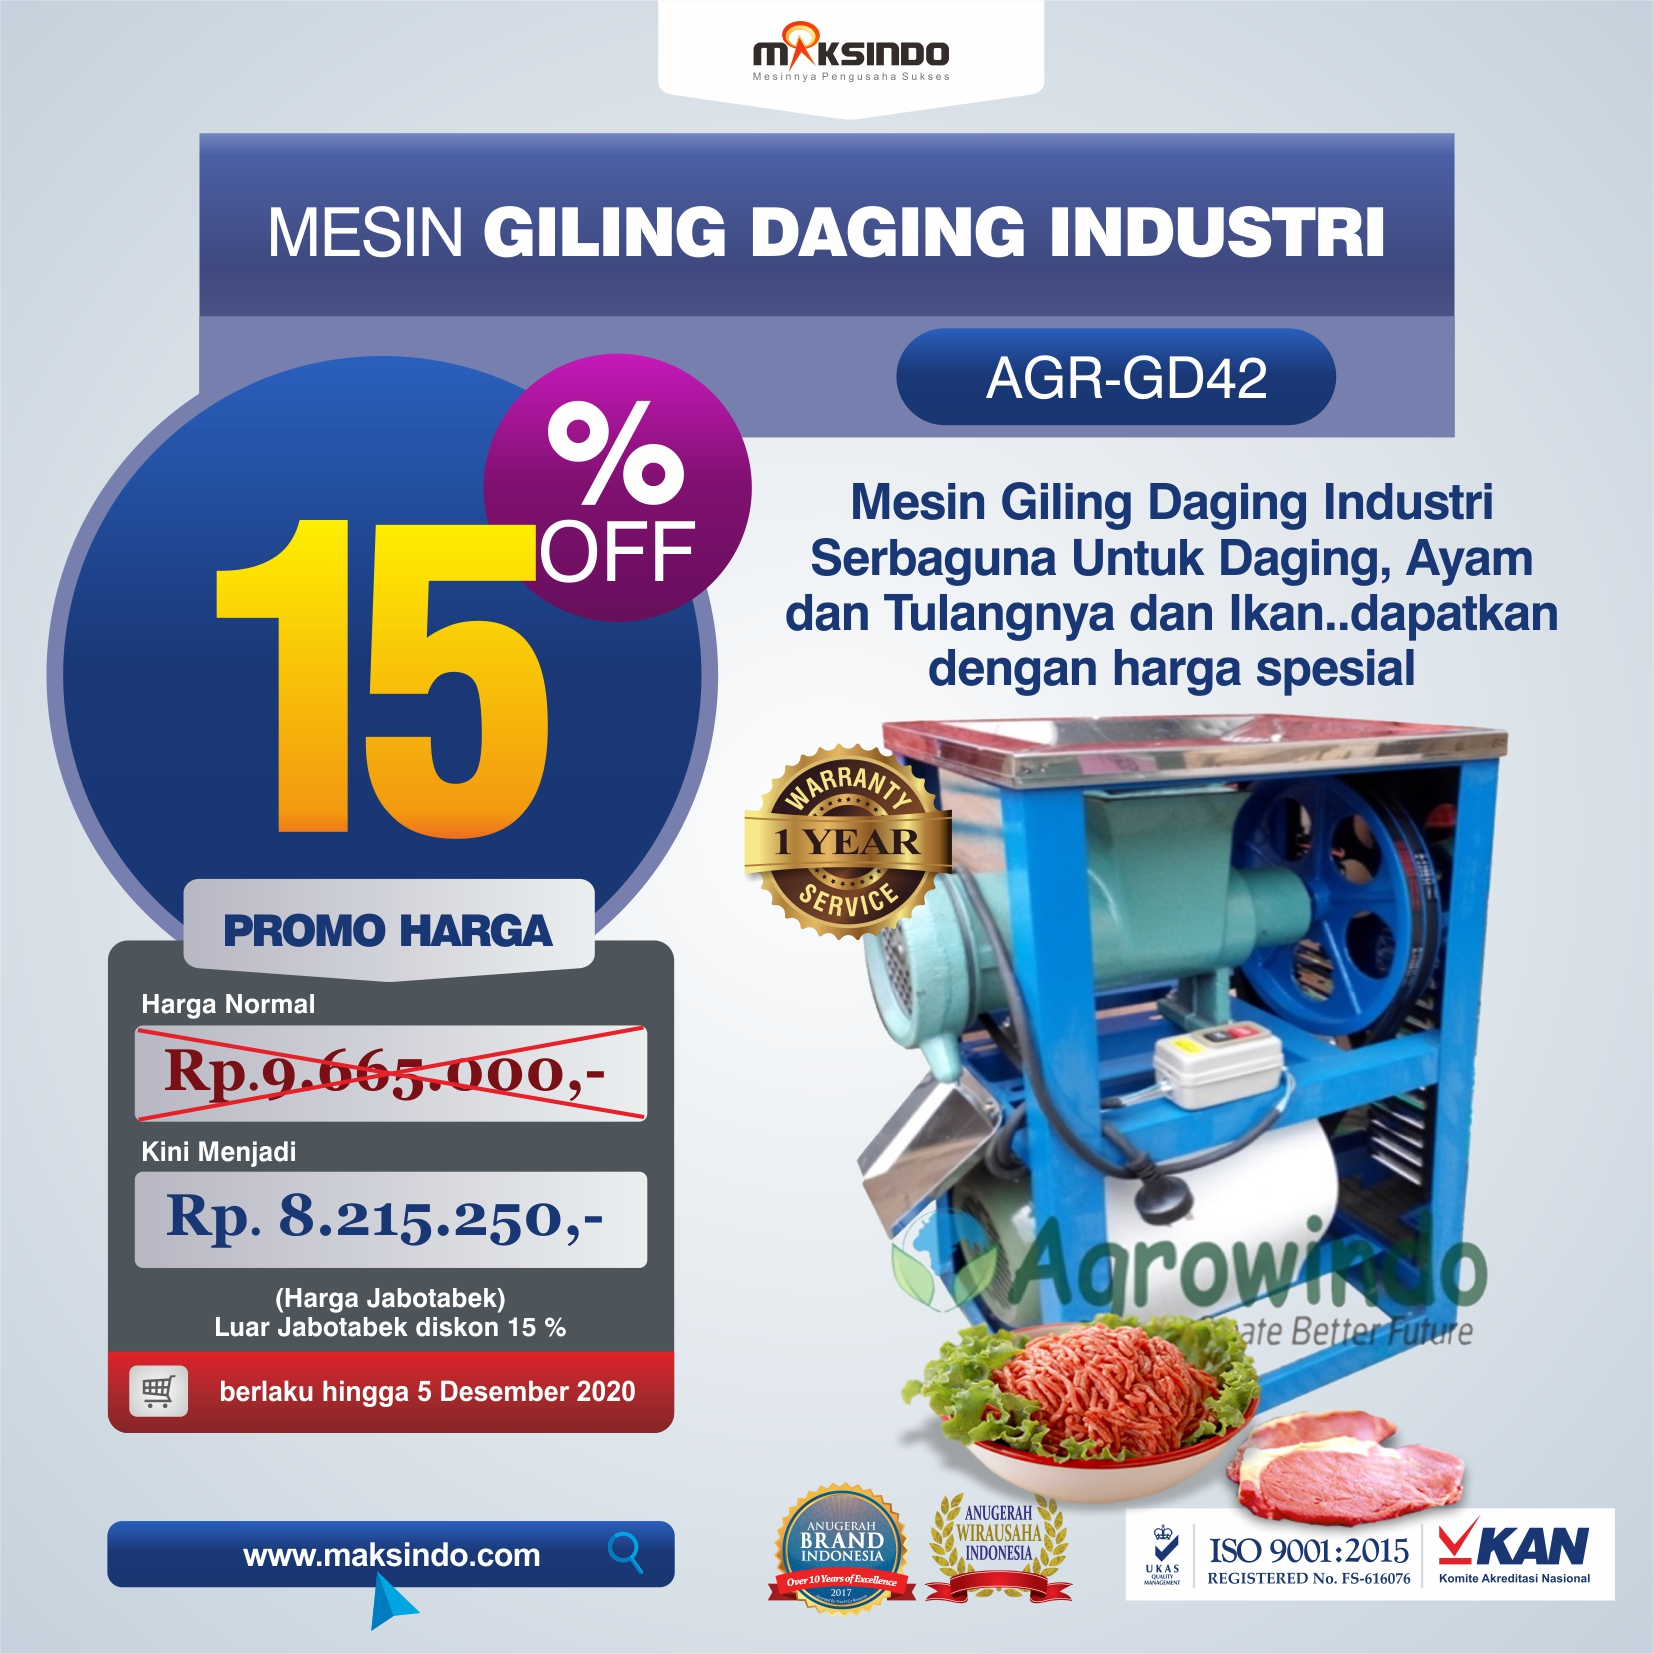 Jual Mesin Giling Daging Industri (AGR-GD42) di Semarang